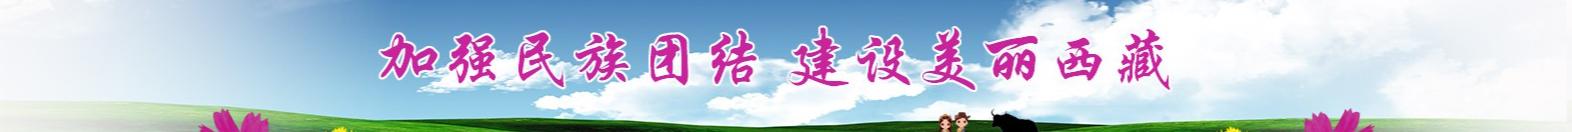 加强民族团结  建设美丽西藏